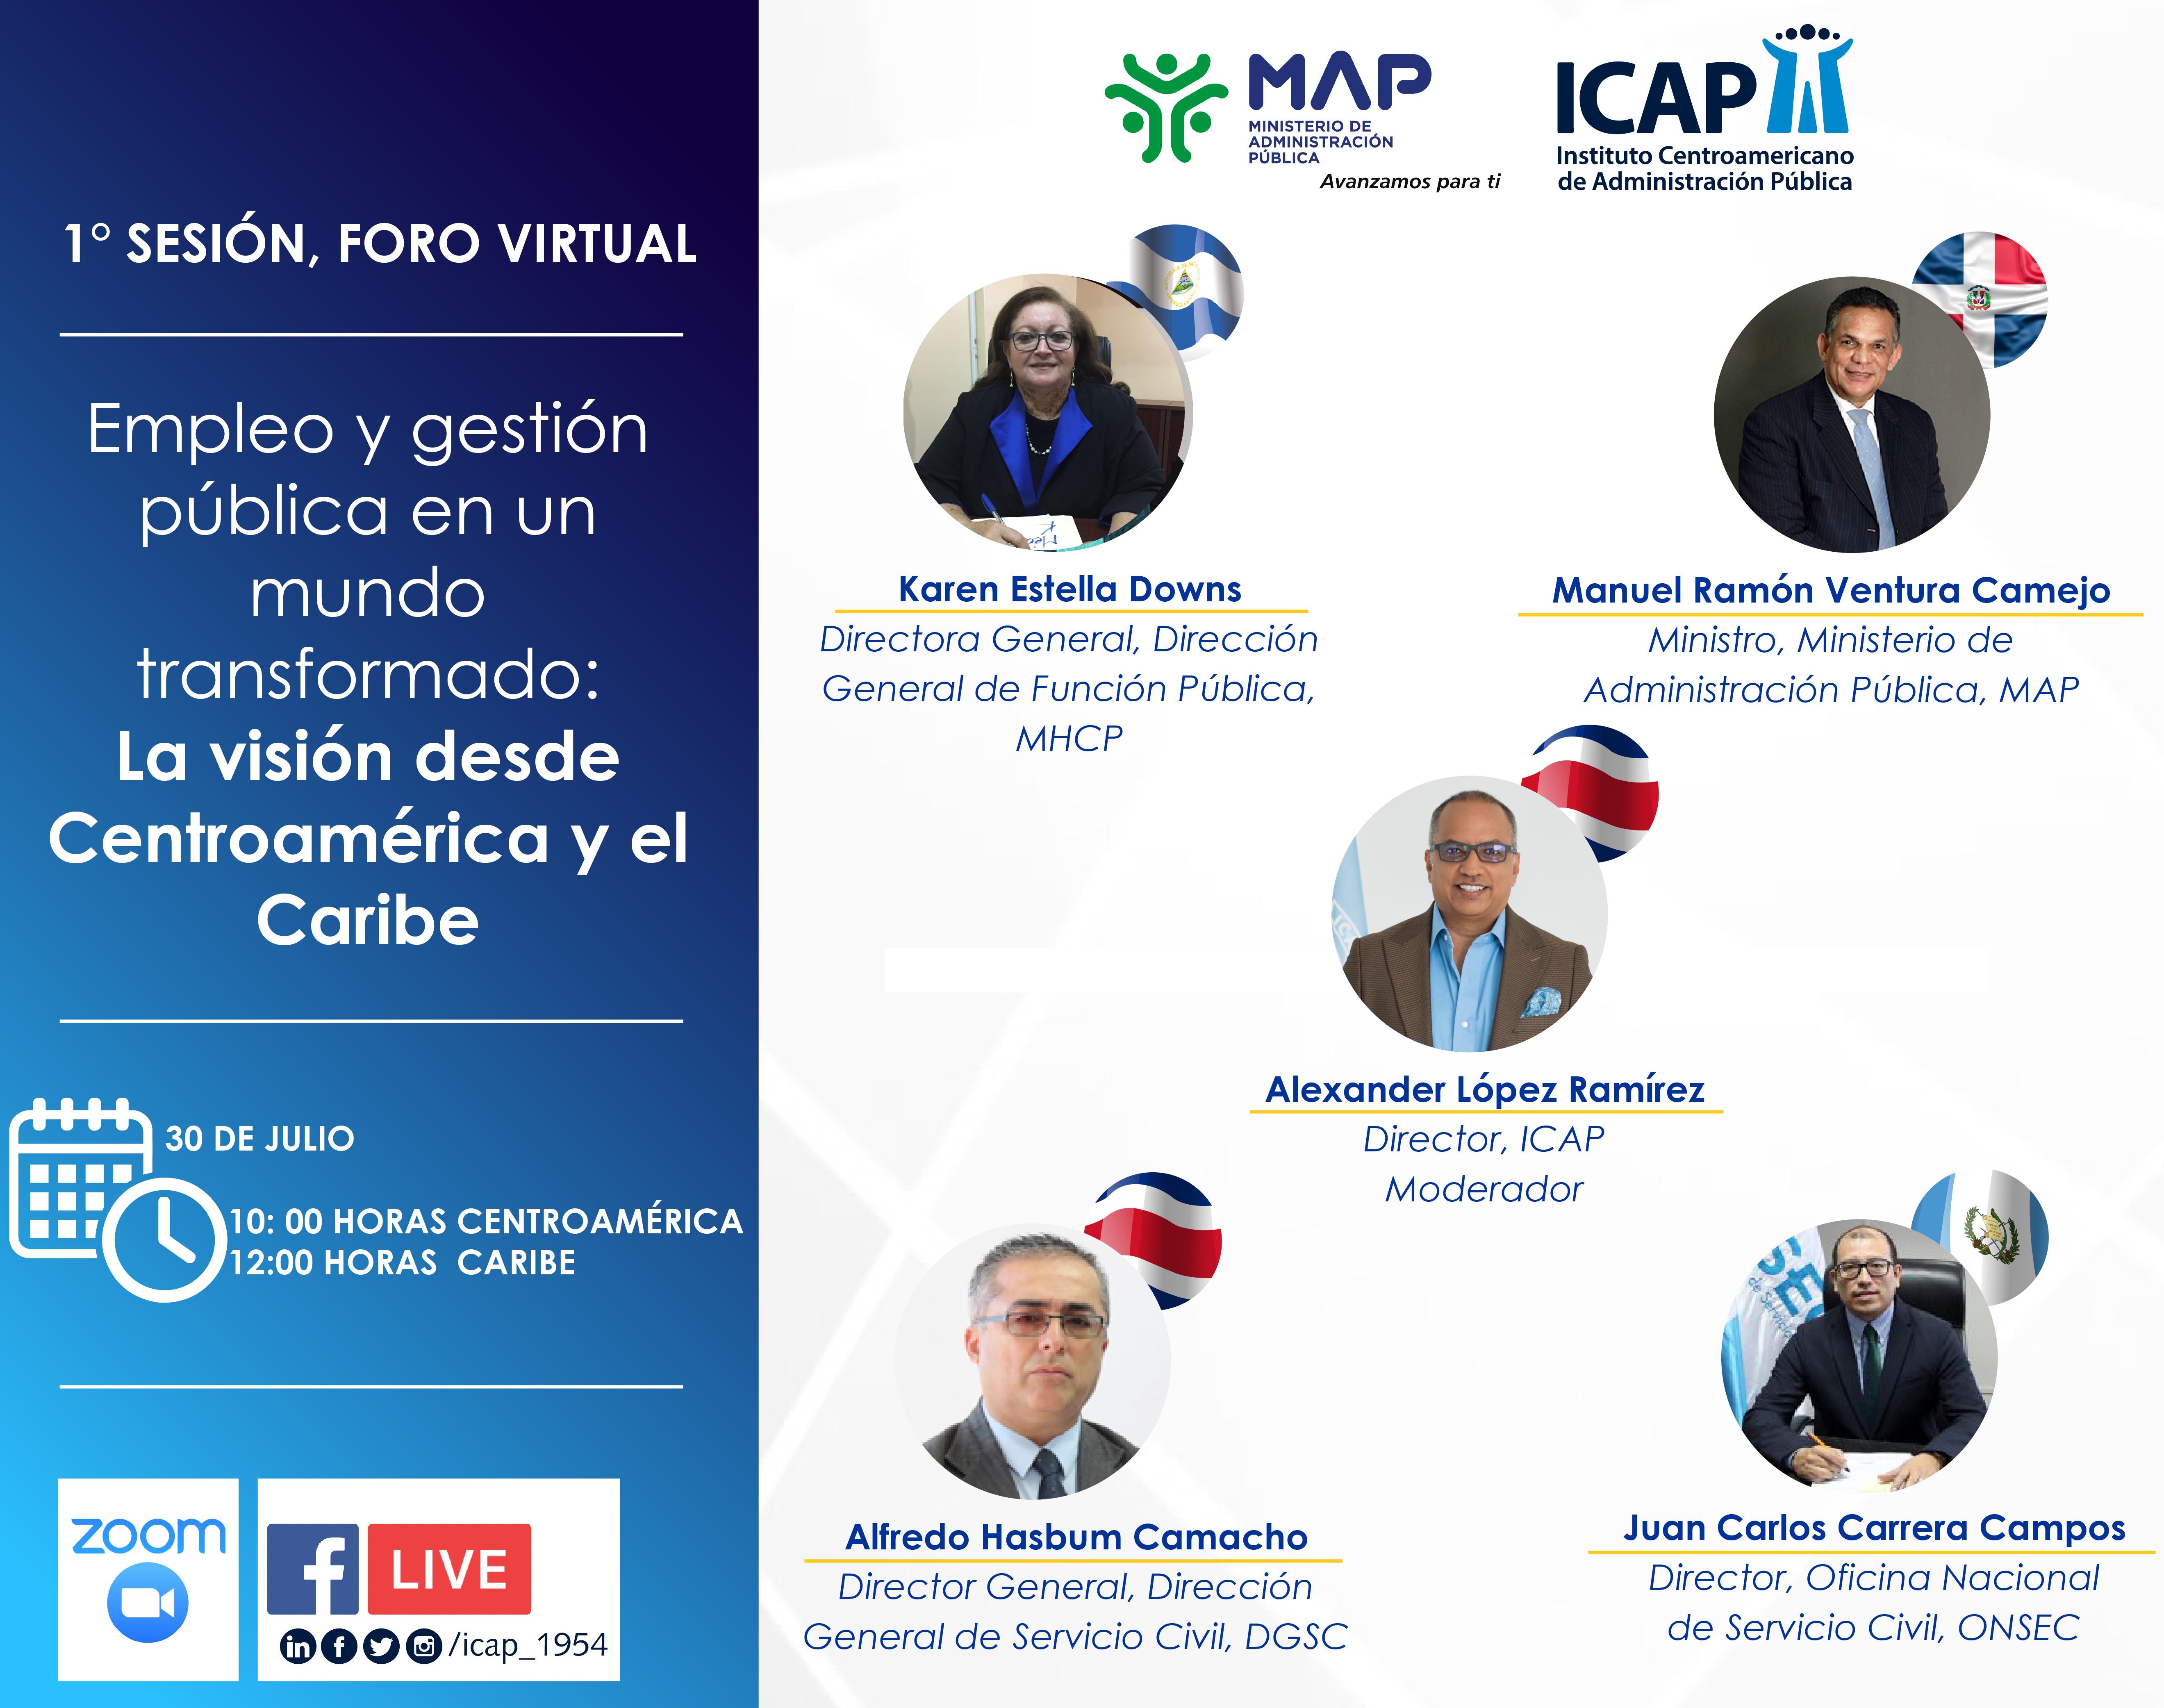 Súmese al foro virtual sobre empleo y gestión pública de Centroamérica y el Caribe